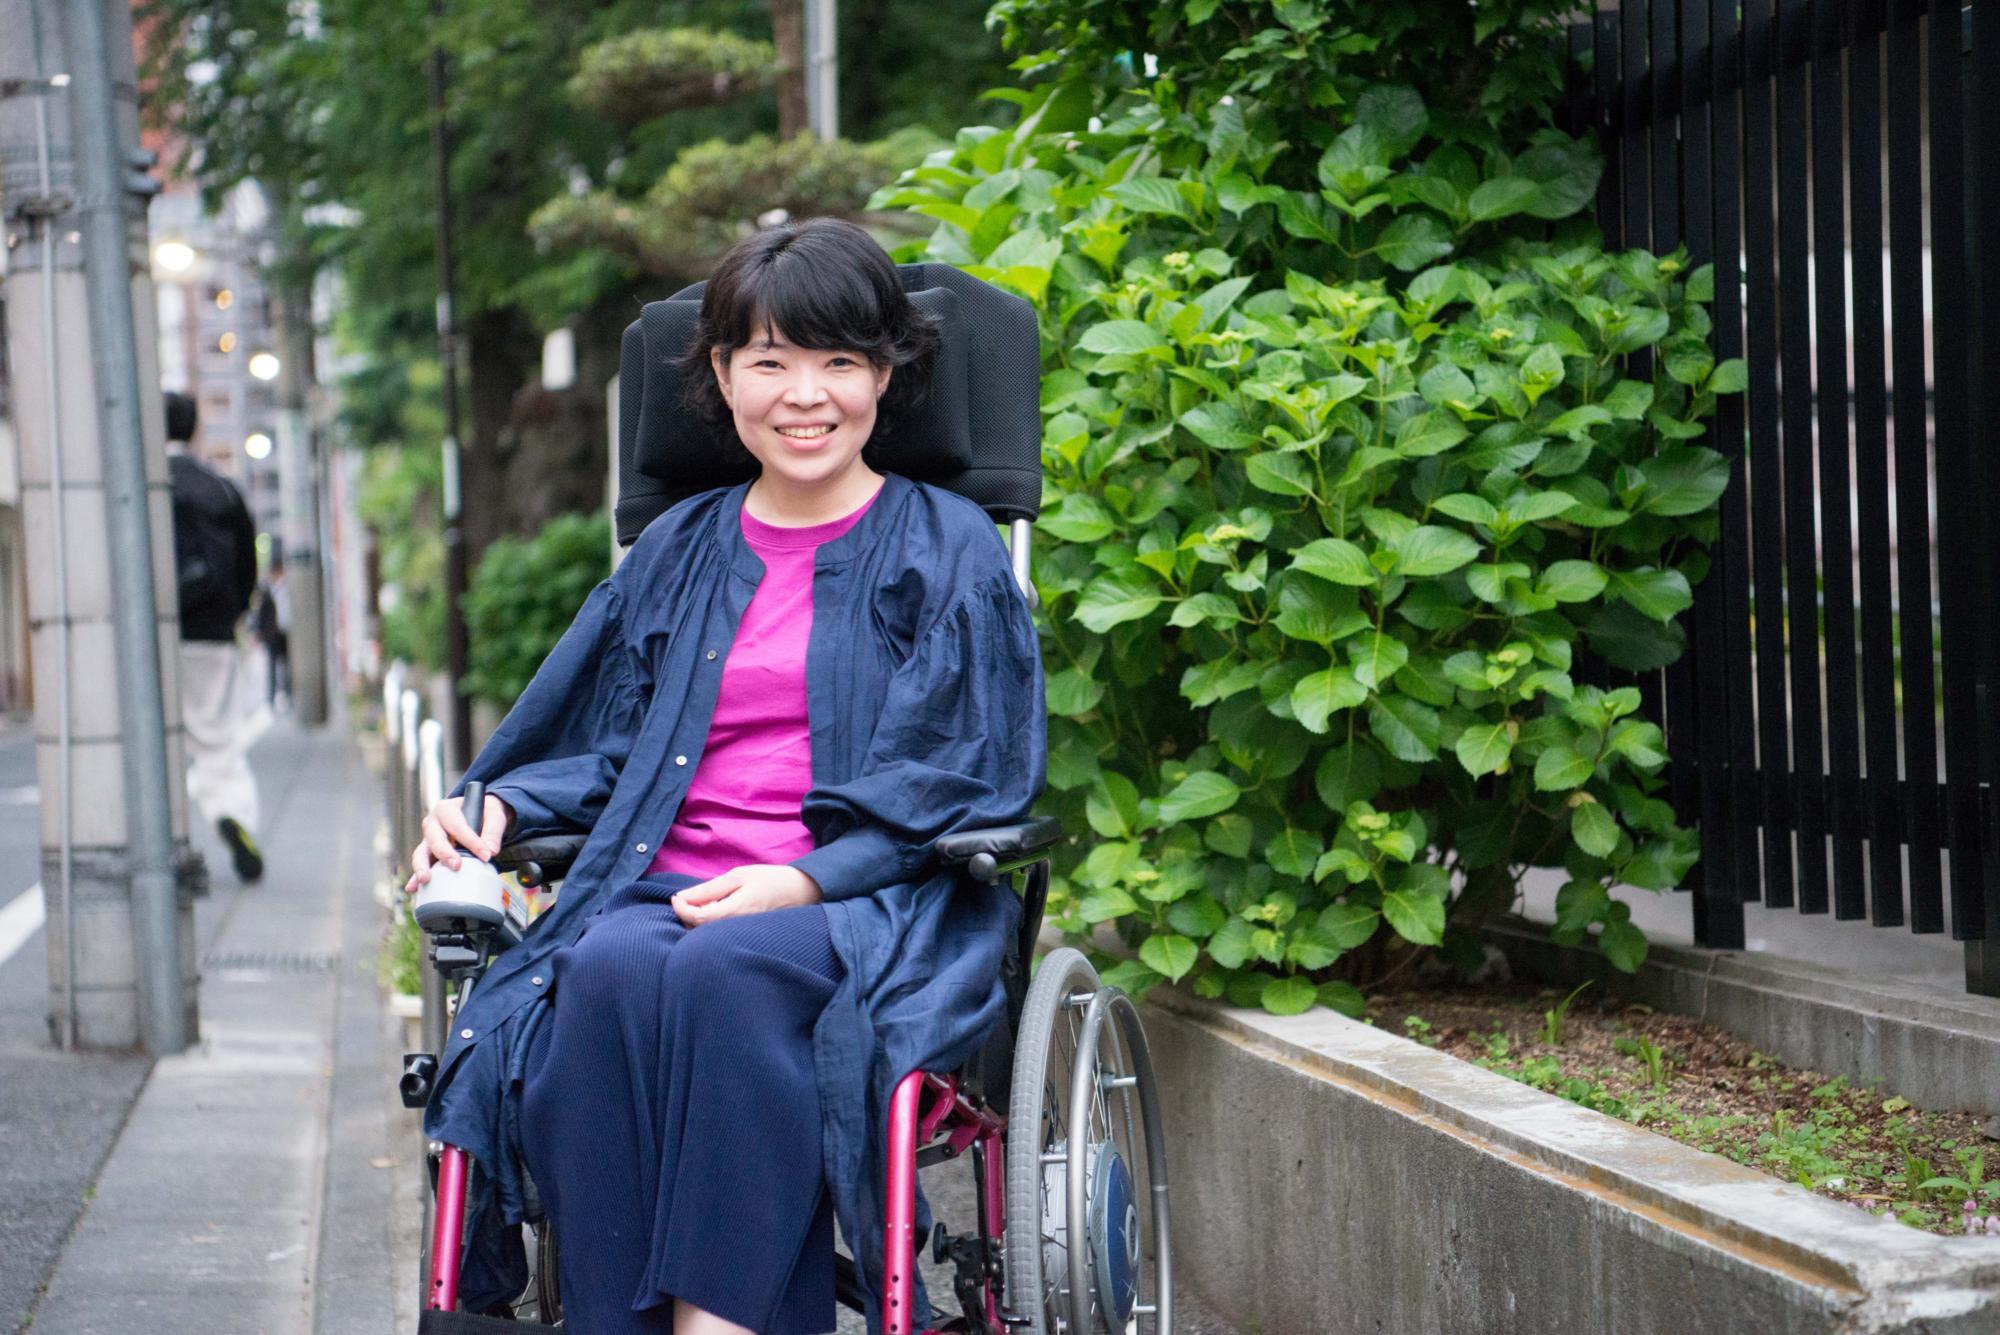 【写真】街頭で車椅子に座り笑顔のさとうまゆこさん